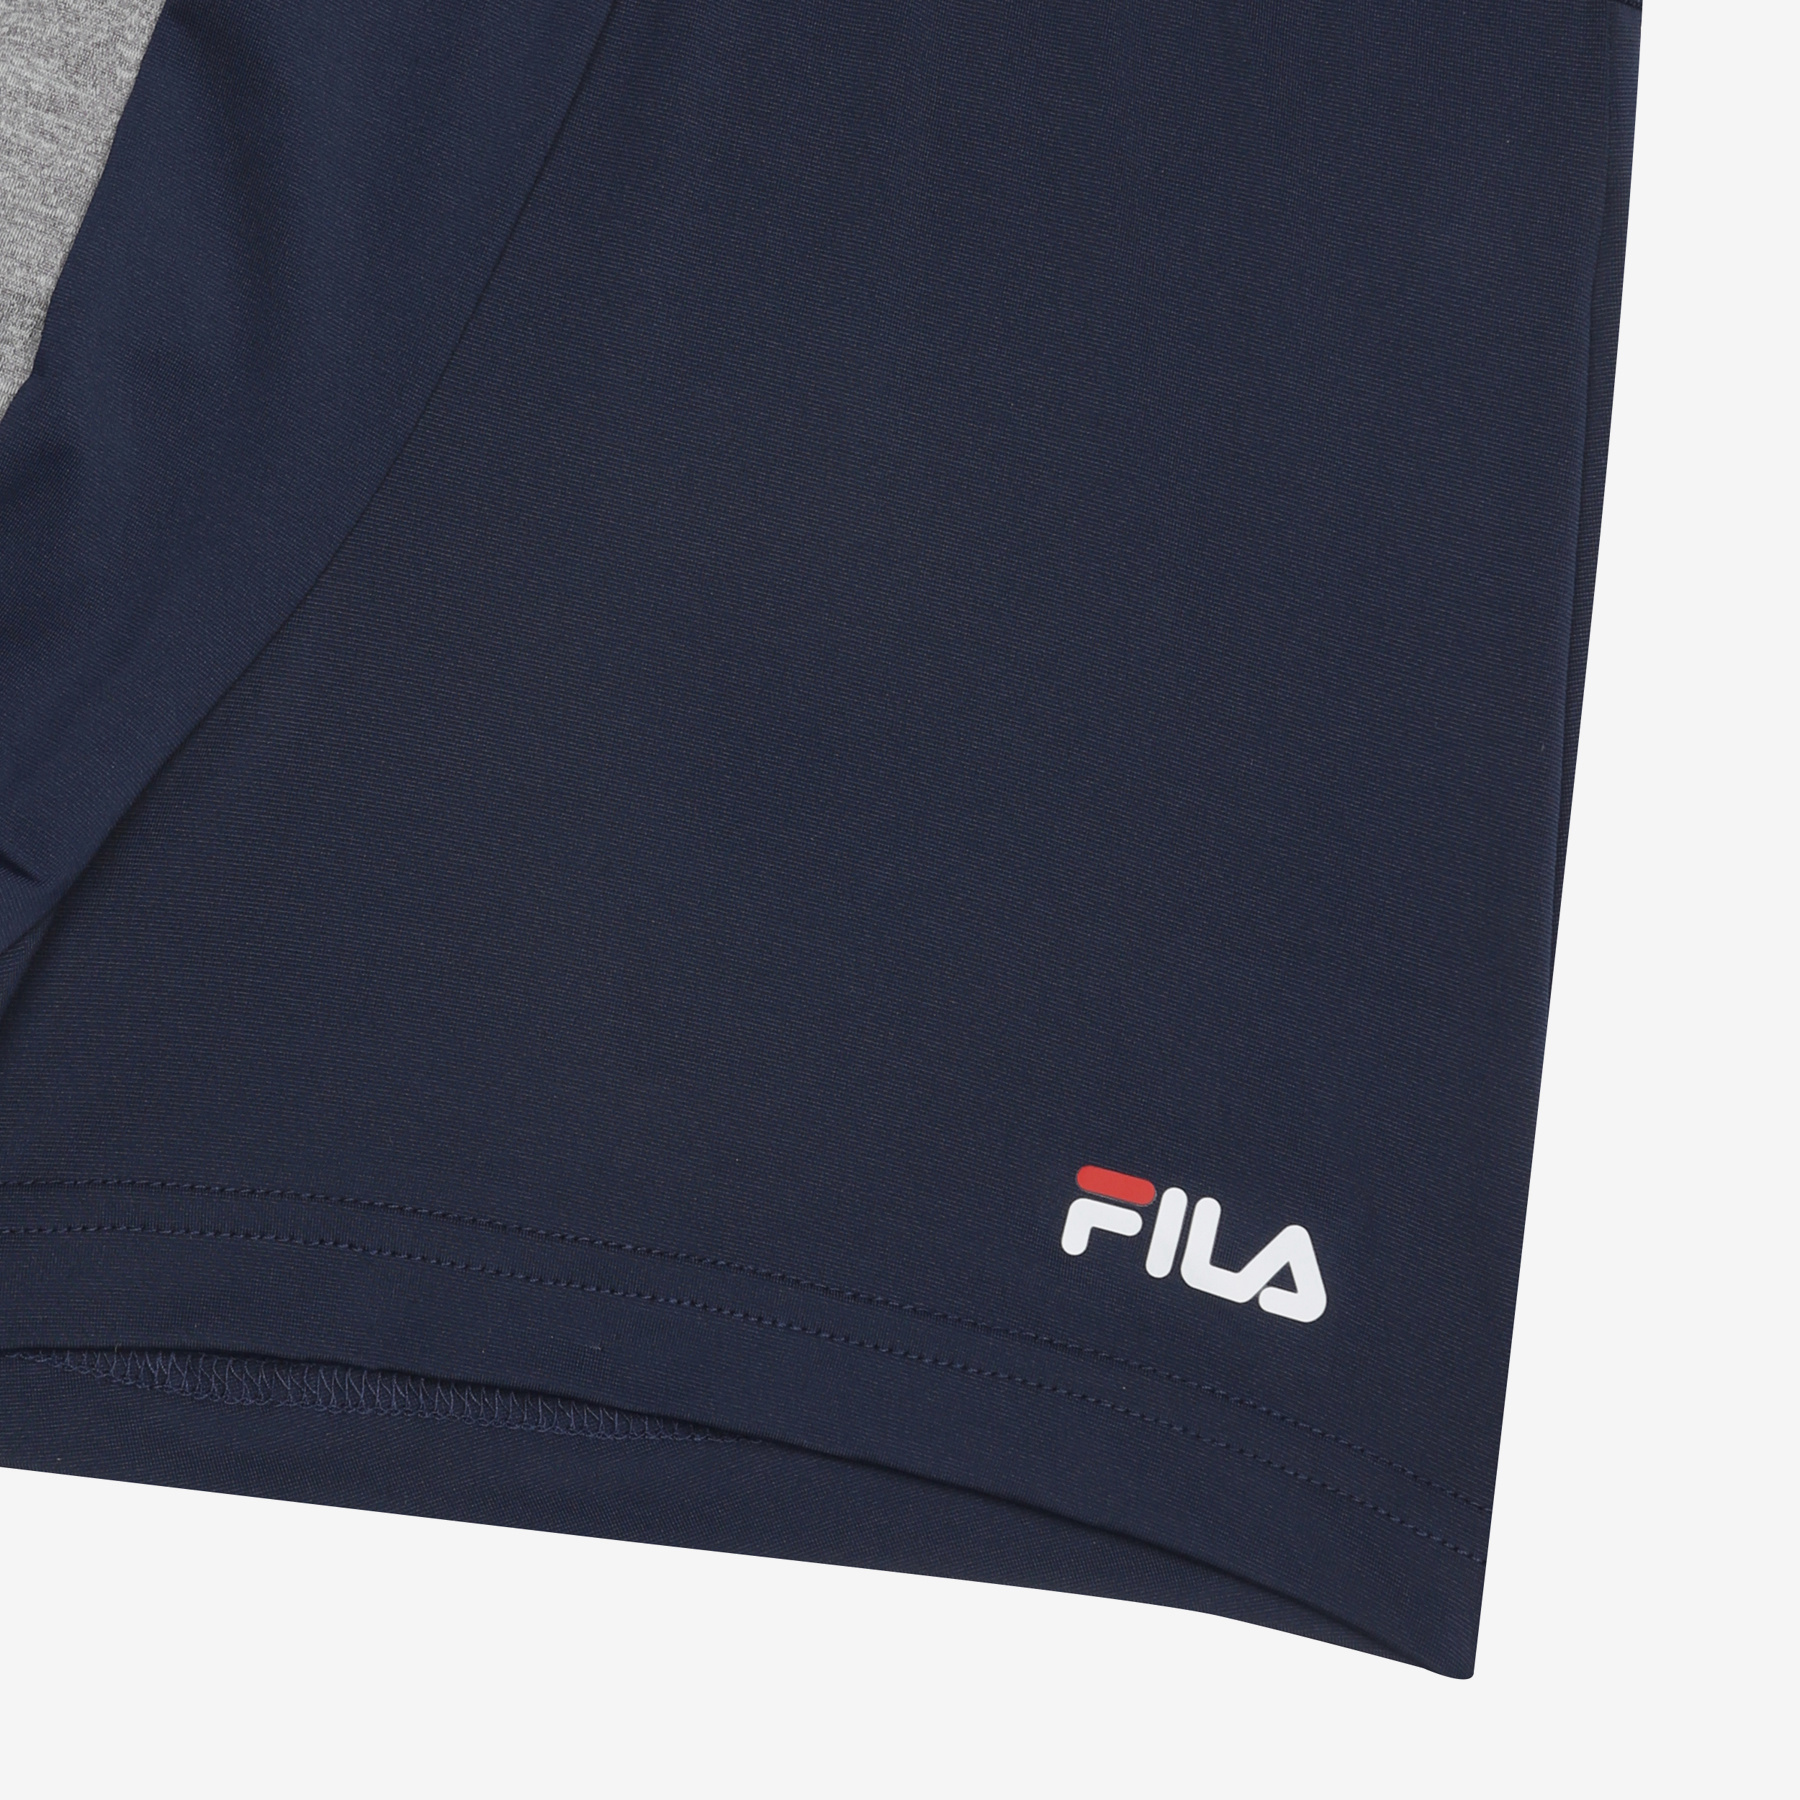 휠라언더웨어(FILA UNDERWEAR) 인핏 남성 드로즈 멜란지(FI4DRC6411MMLY)